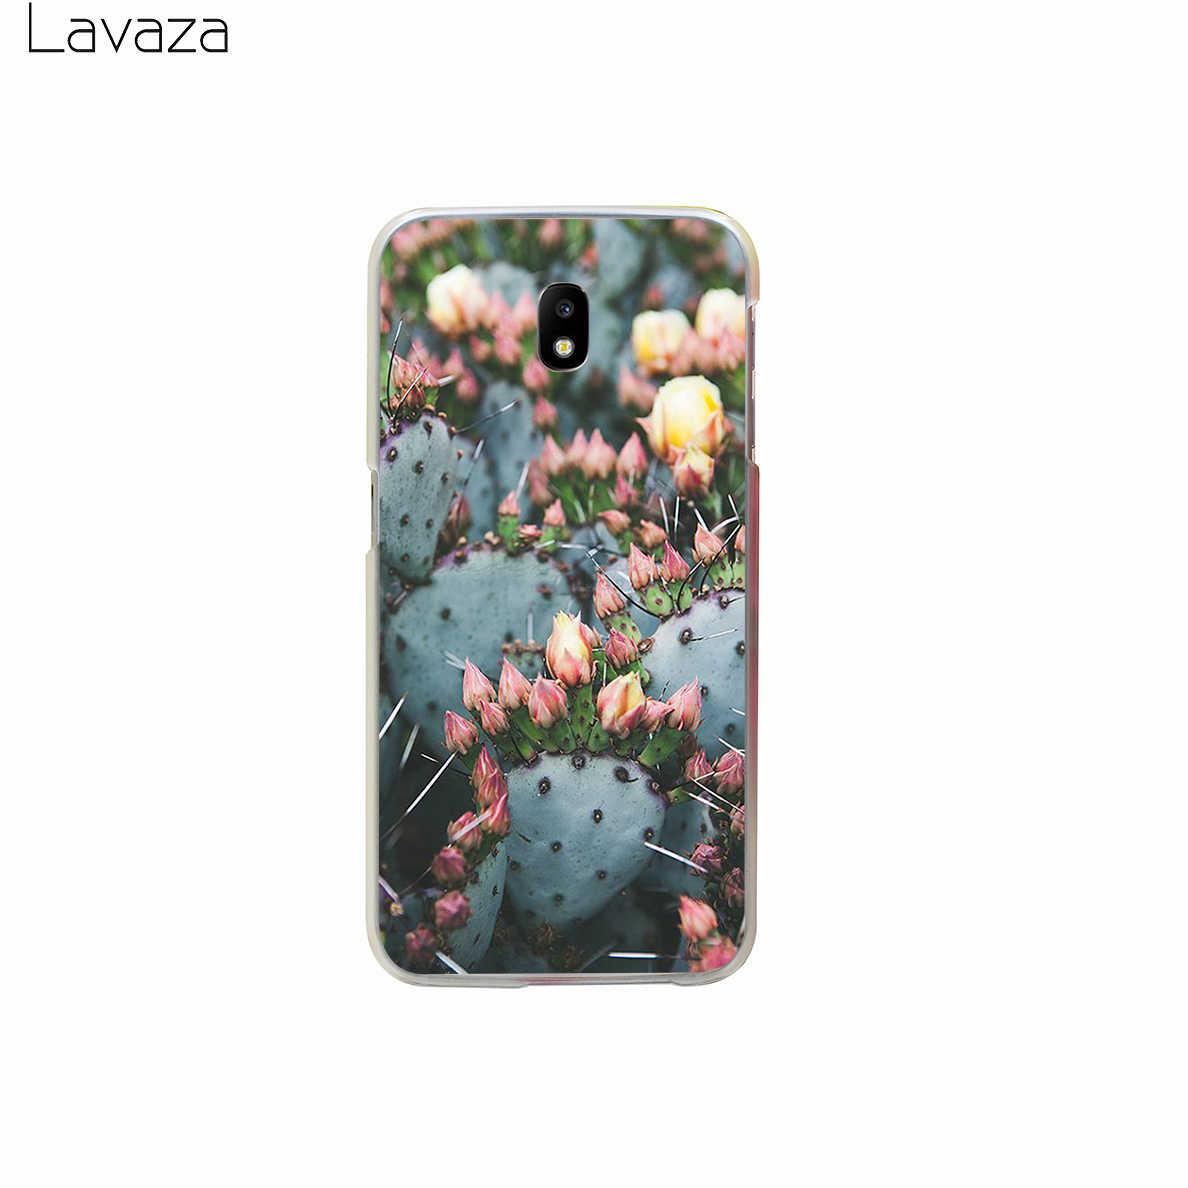 Lavaza акварель кактусов и сочные чехол для телефона для samsung Galaxy J8 J7 Duo J4 J5 J6 плюс 2018 2017 2016 J2 J3 Prime 2015